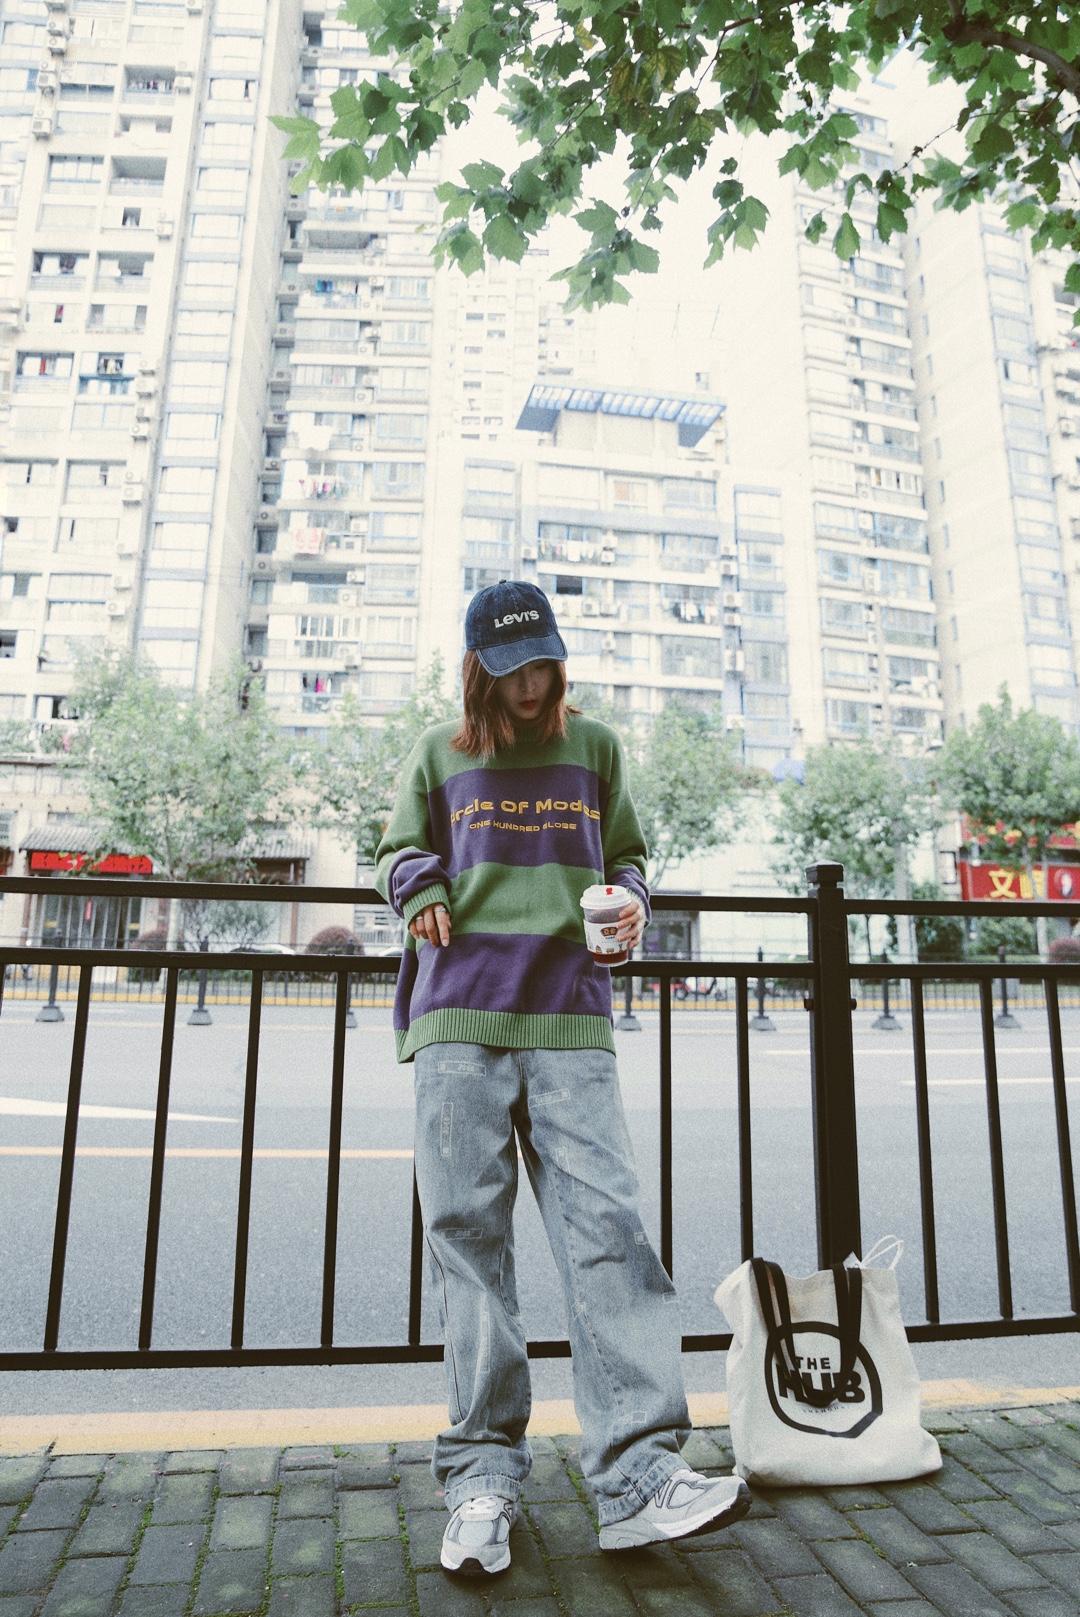 上衣:VENGETICE  宽松版型的条纹针织衫!这款毛衣面料真的超舒服,双色条纹拼接,前后幅主题印花点缀, 搭配上一条牛仔裤就很ok了,紫色与绿色的对比色运用,撞色让整体搭配更有时尚感,我选择牛仔裤,让整体更有街头感  裤子:FEAROM  太空主题满版宽松阔腿激光水洗牛仔裤,厚度这个天气非常适合了  #室外0℃,室内20℃怎么穿?#